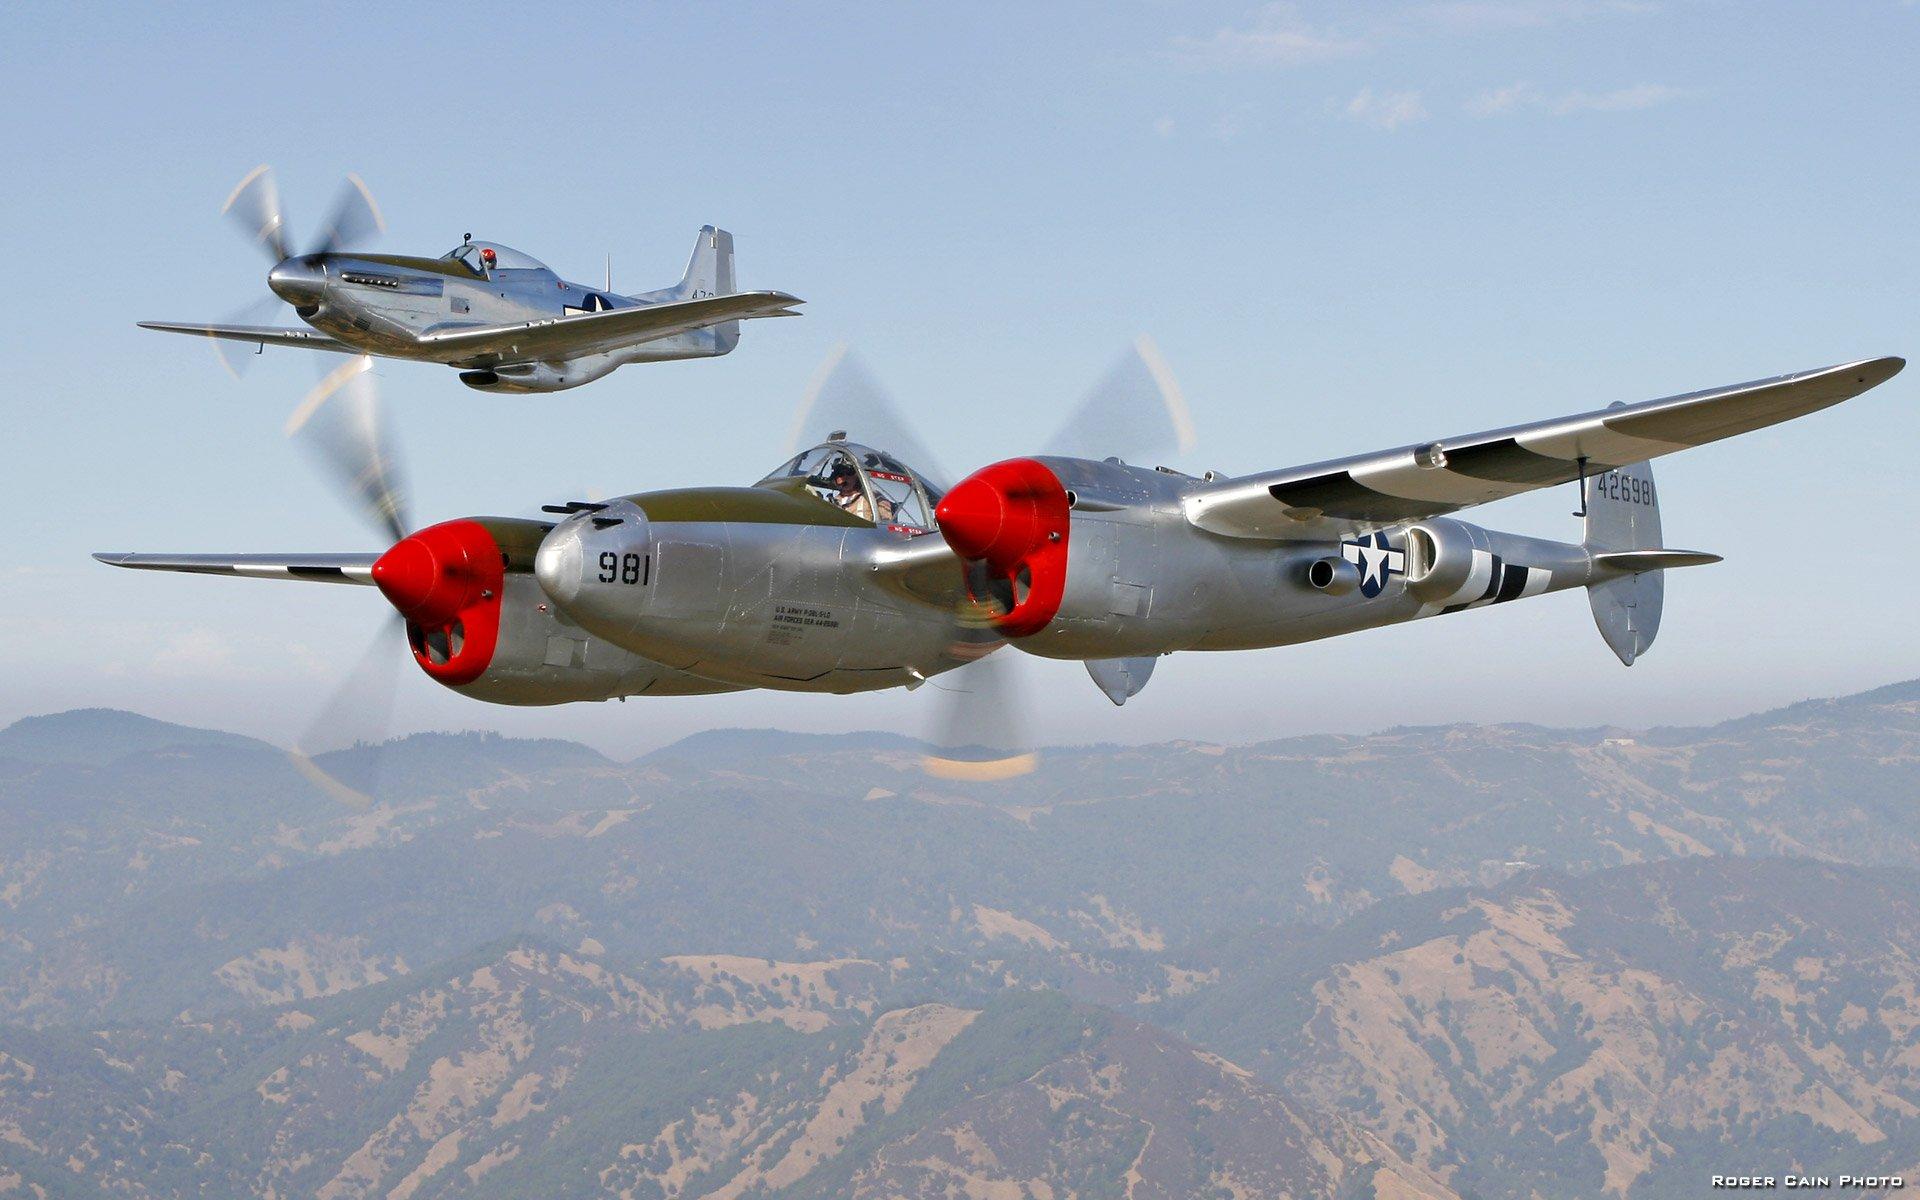 World War II P 38 Lightning P 51 Mustang wallpaper background 1920x1200